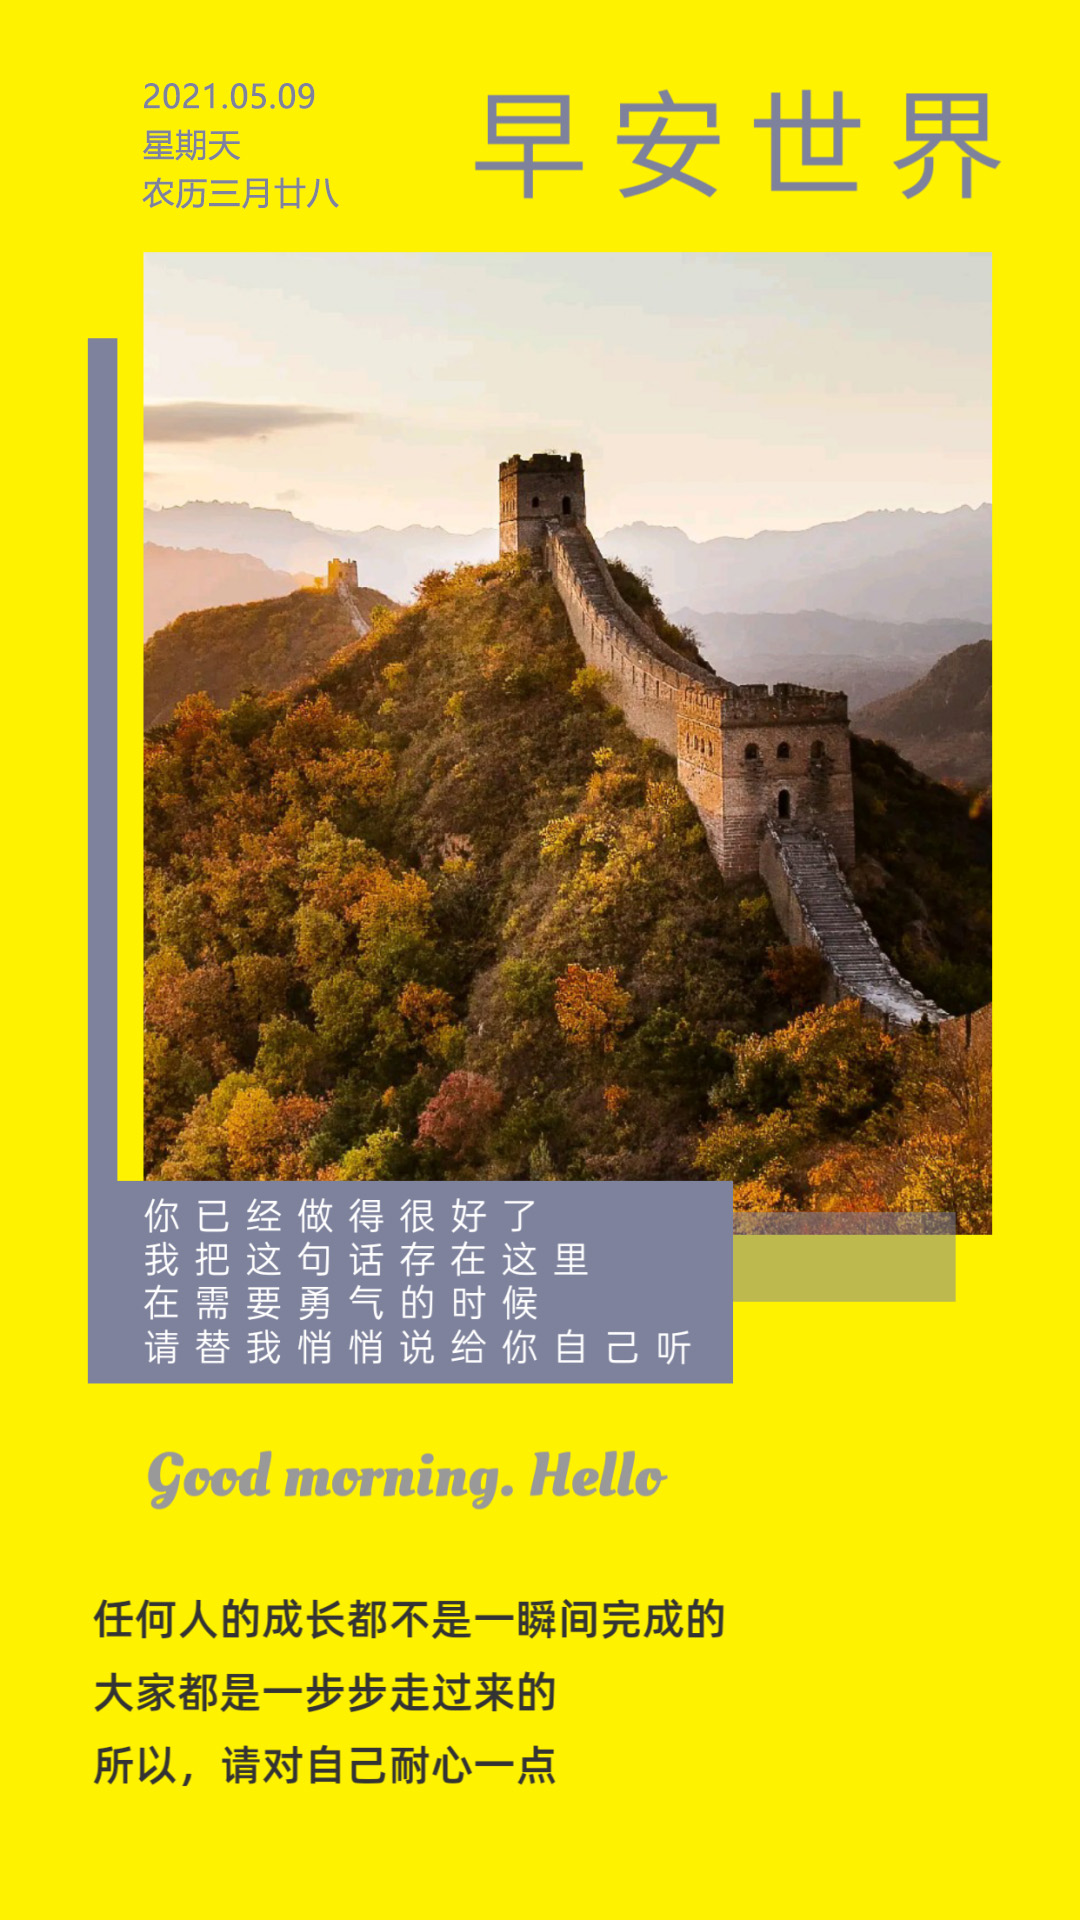 早晨图片日签励志文字,阳光的早上好语句